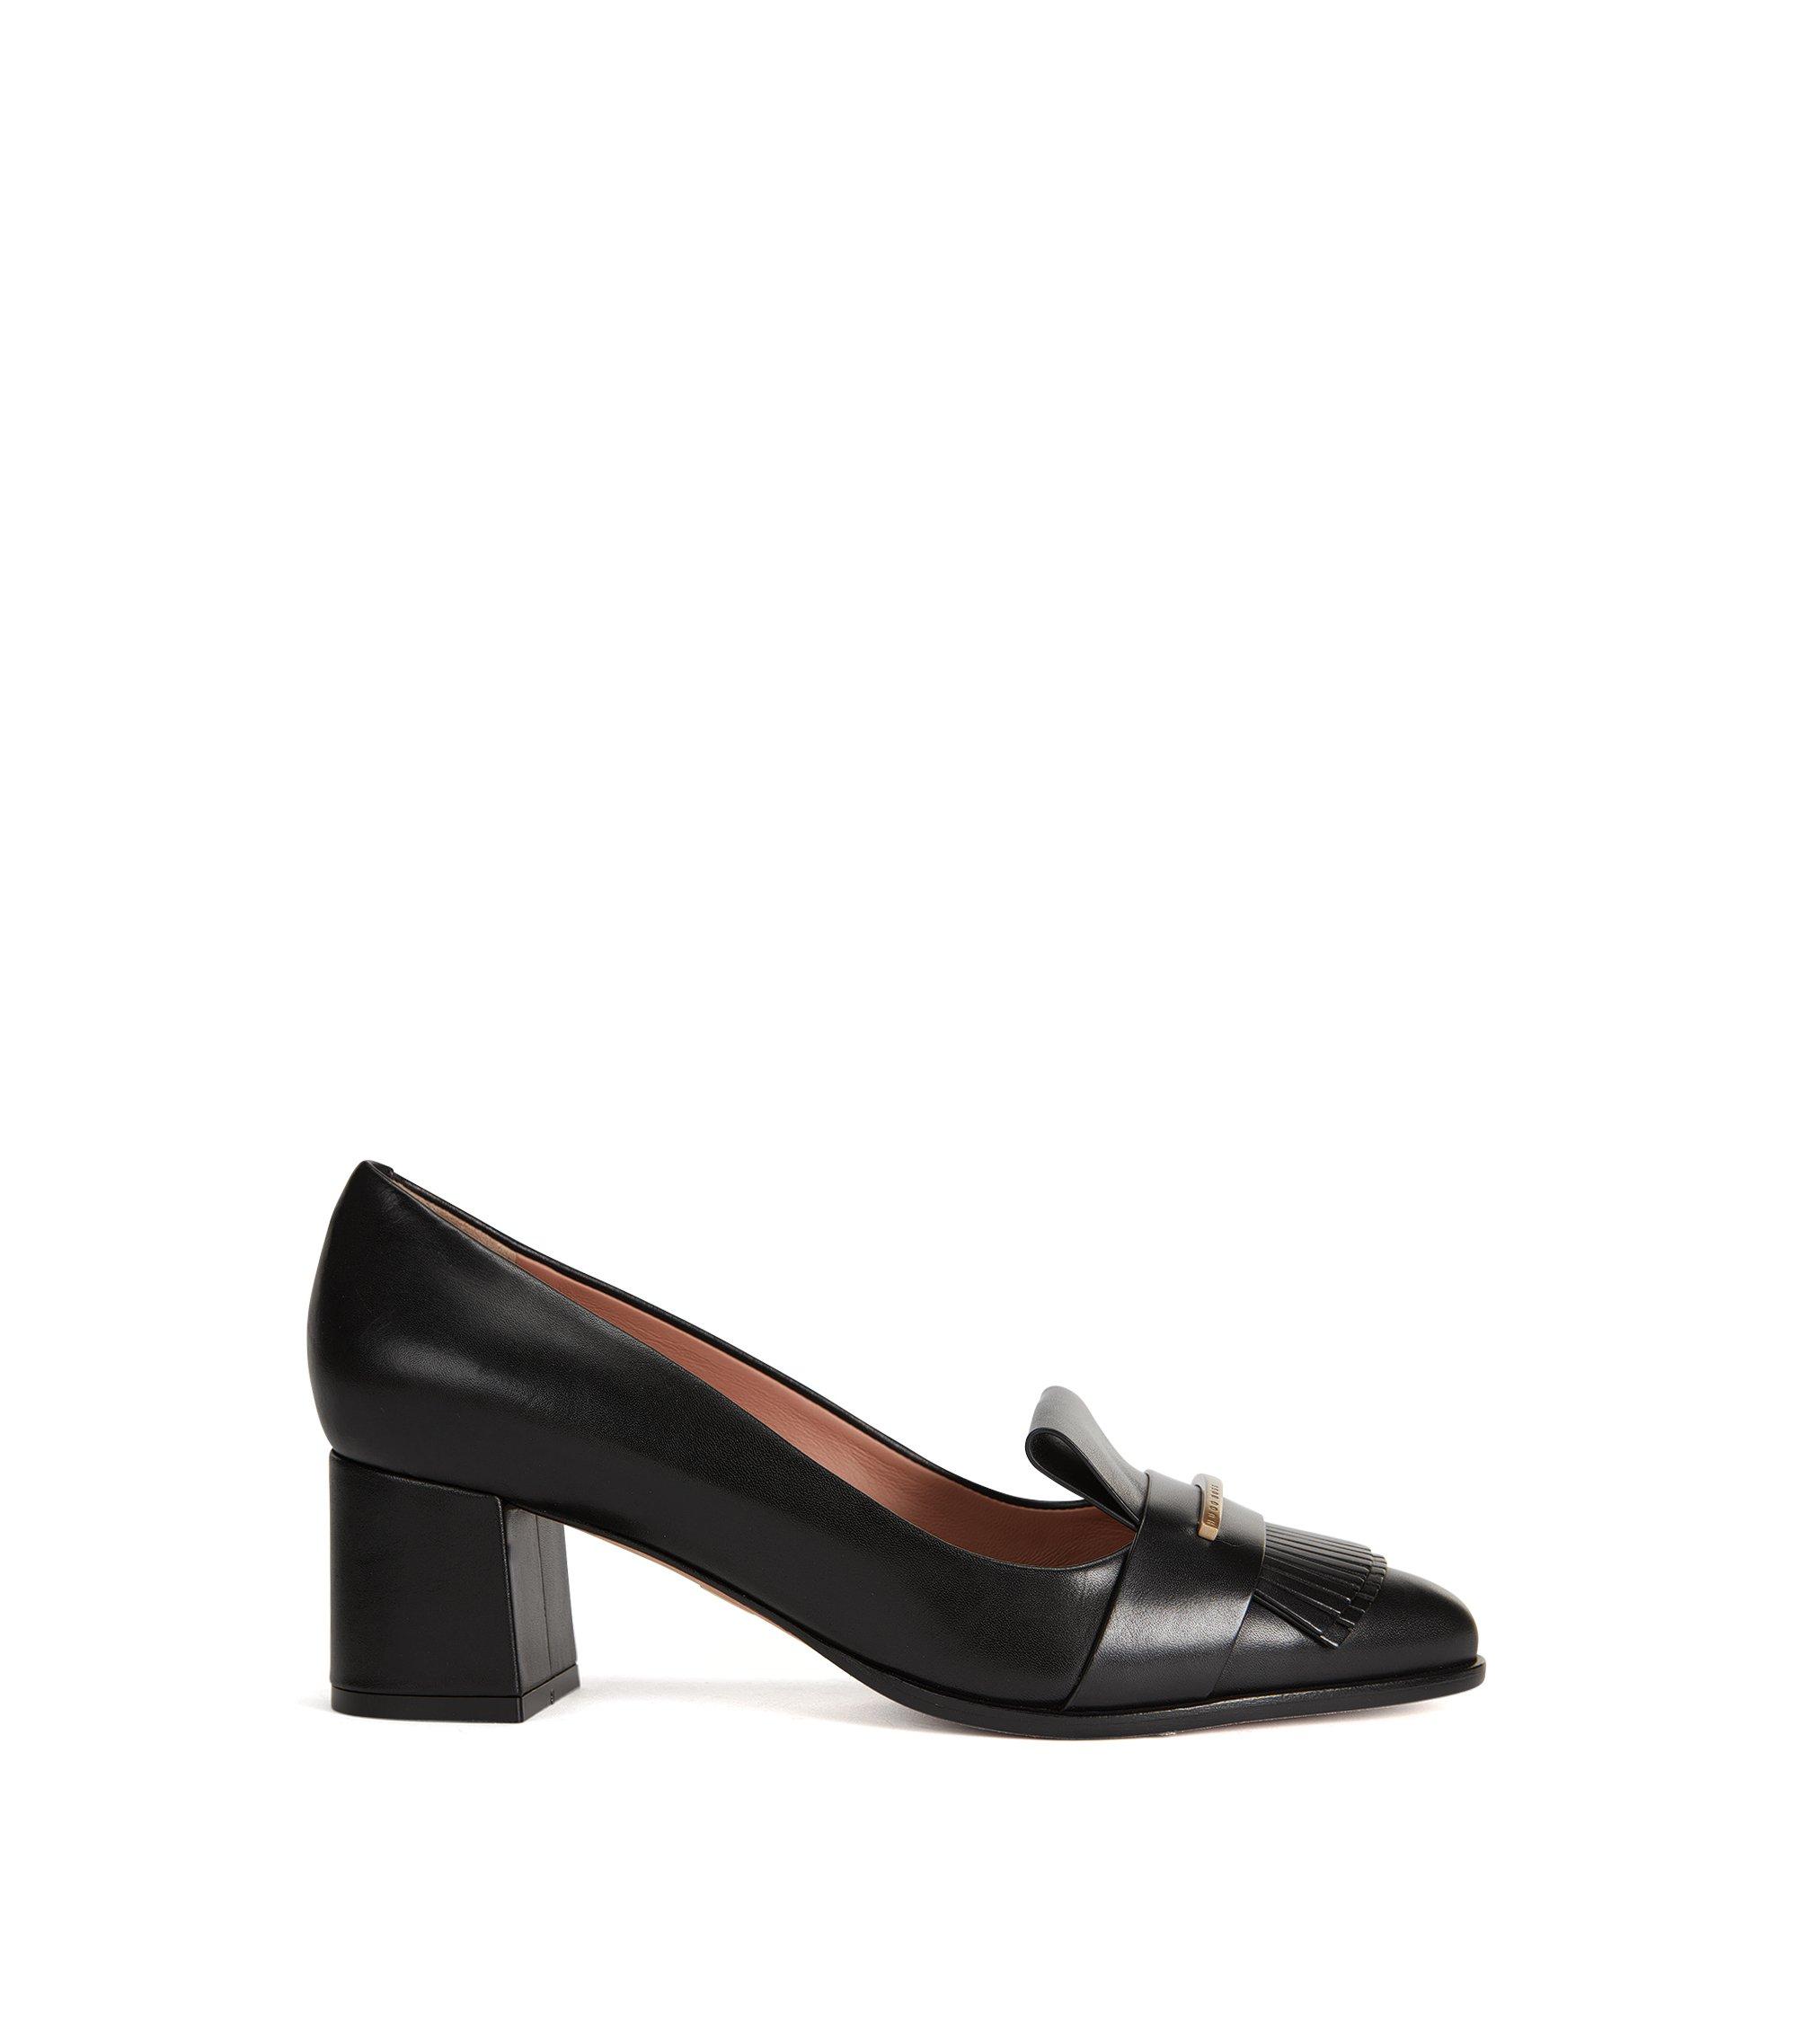 Zapatos de salón de piel italiana con hebilla de adorno, Negro